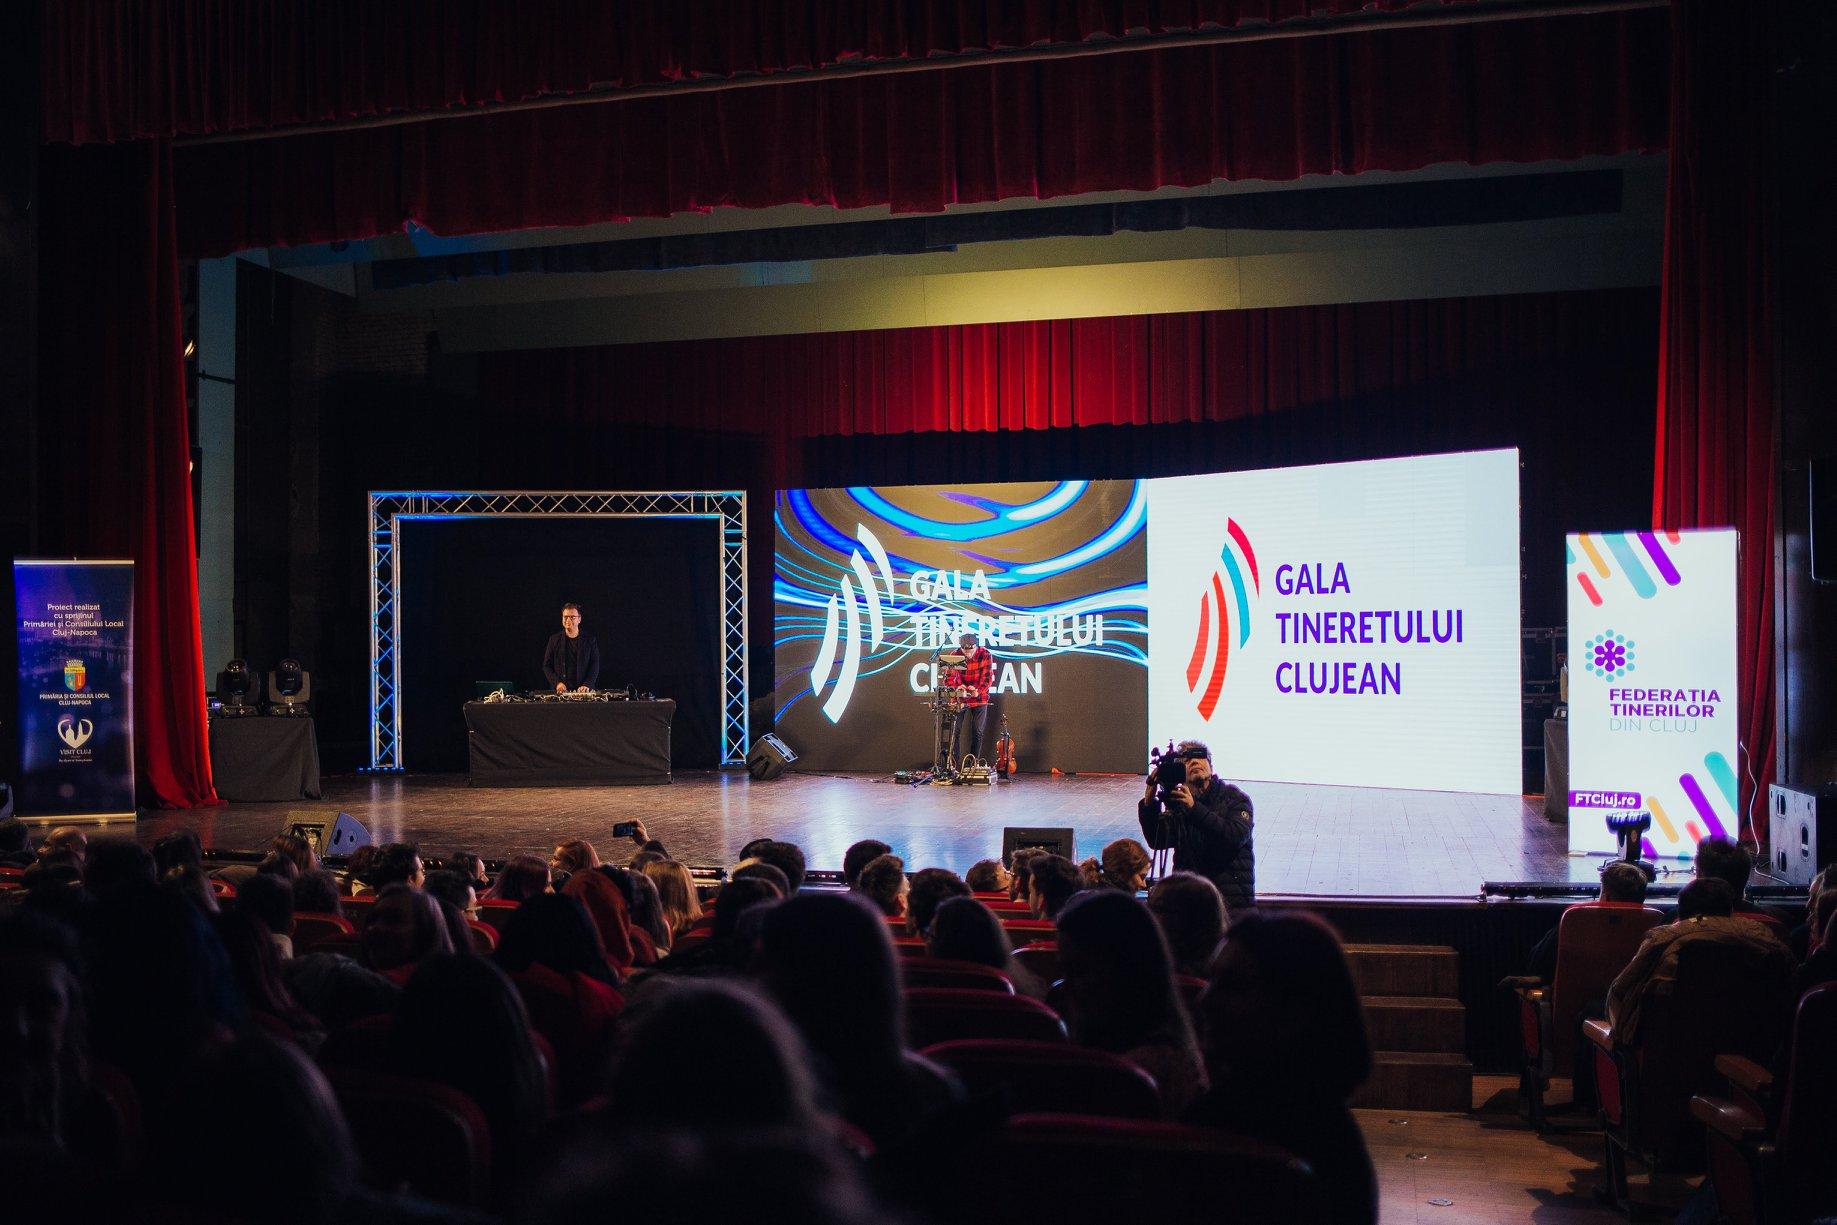 Peste 60.000 de tineri implicați în proiectele înscrise la Gala Tineretului Clujean 2019